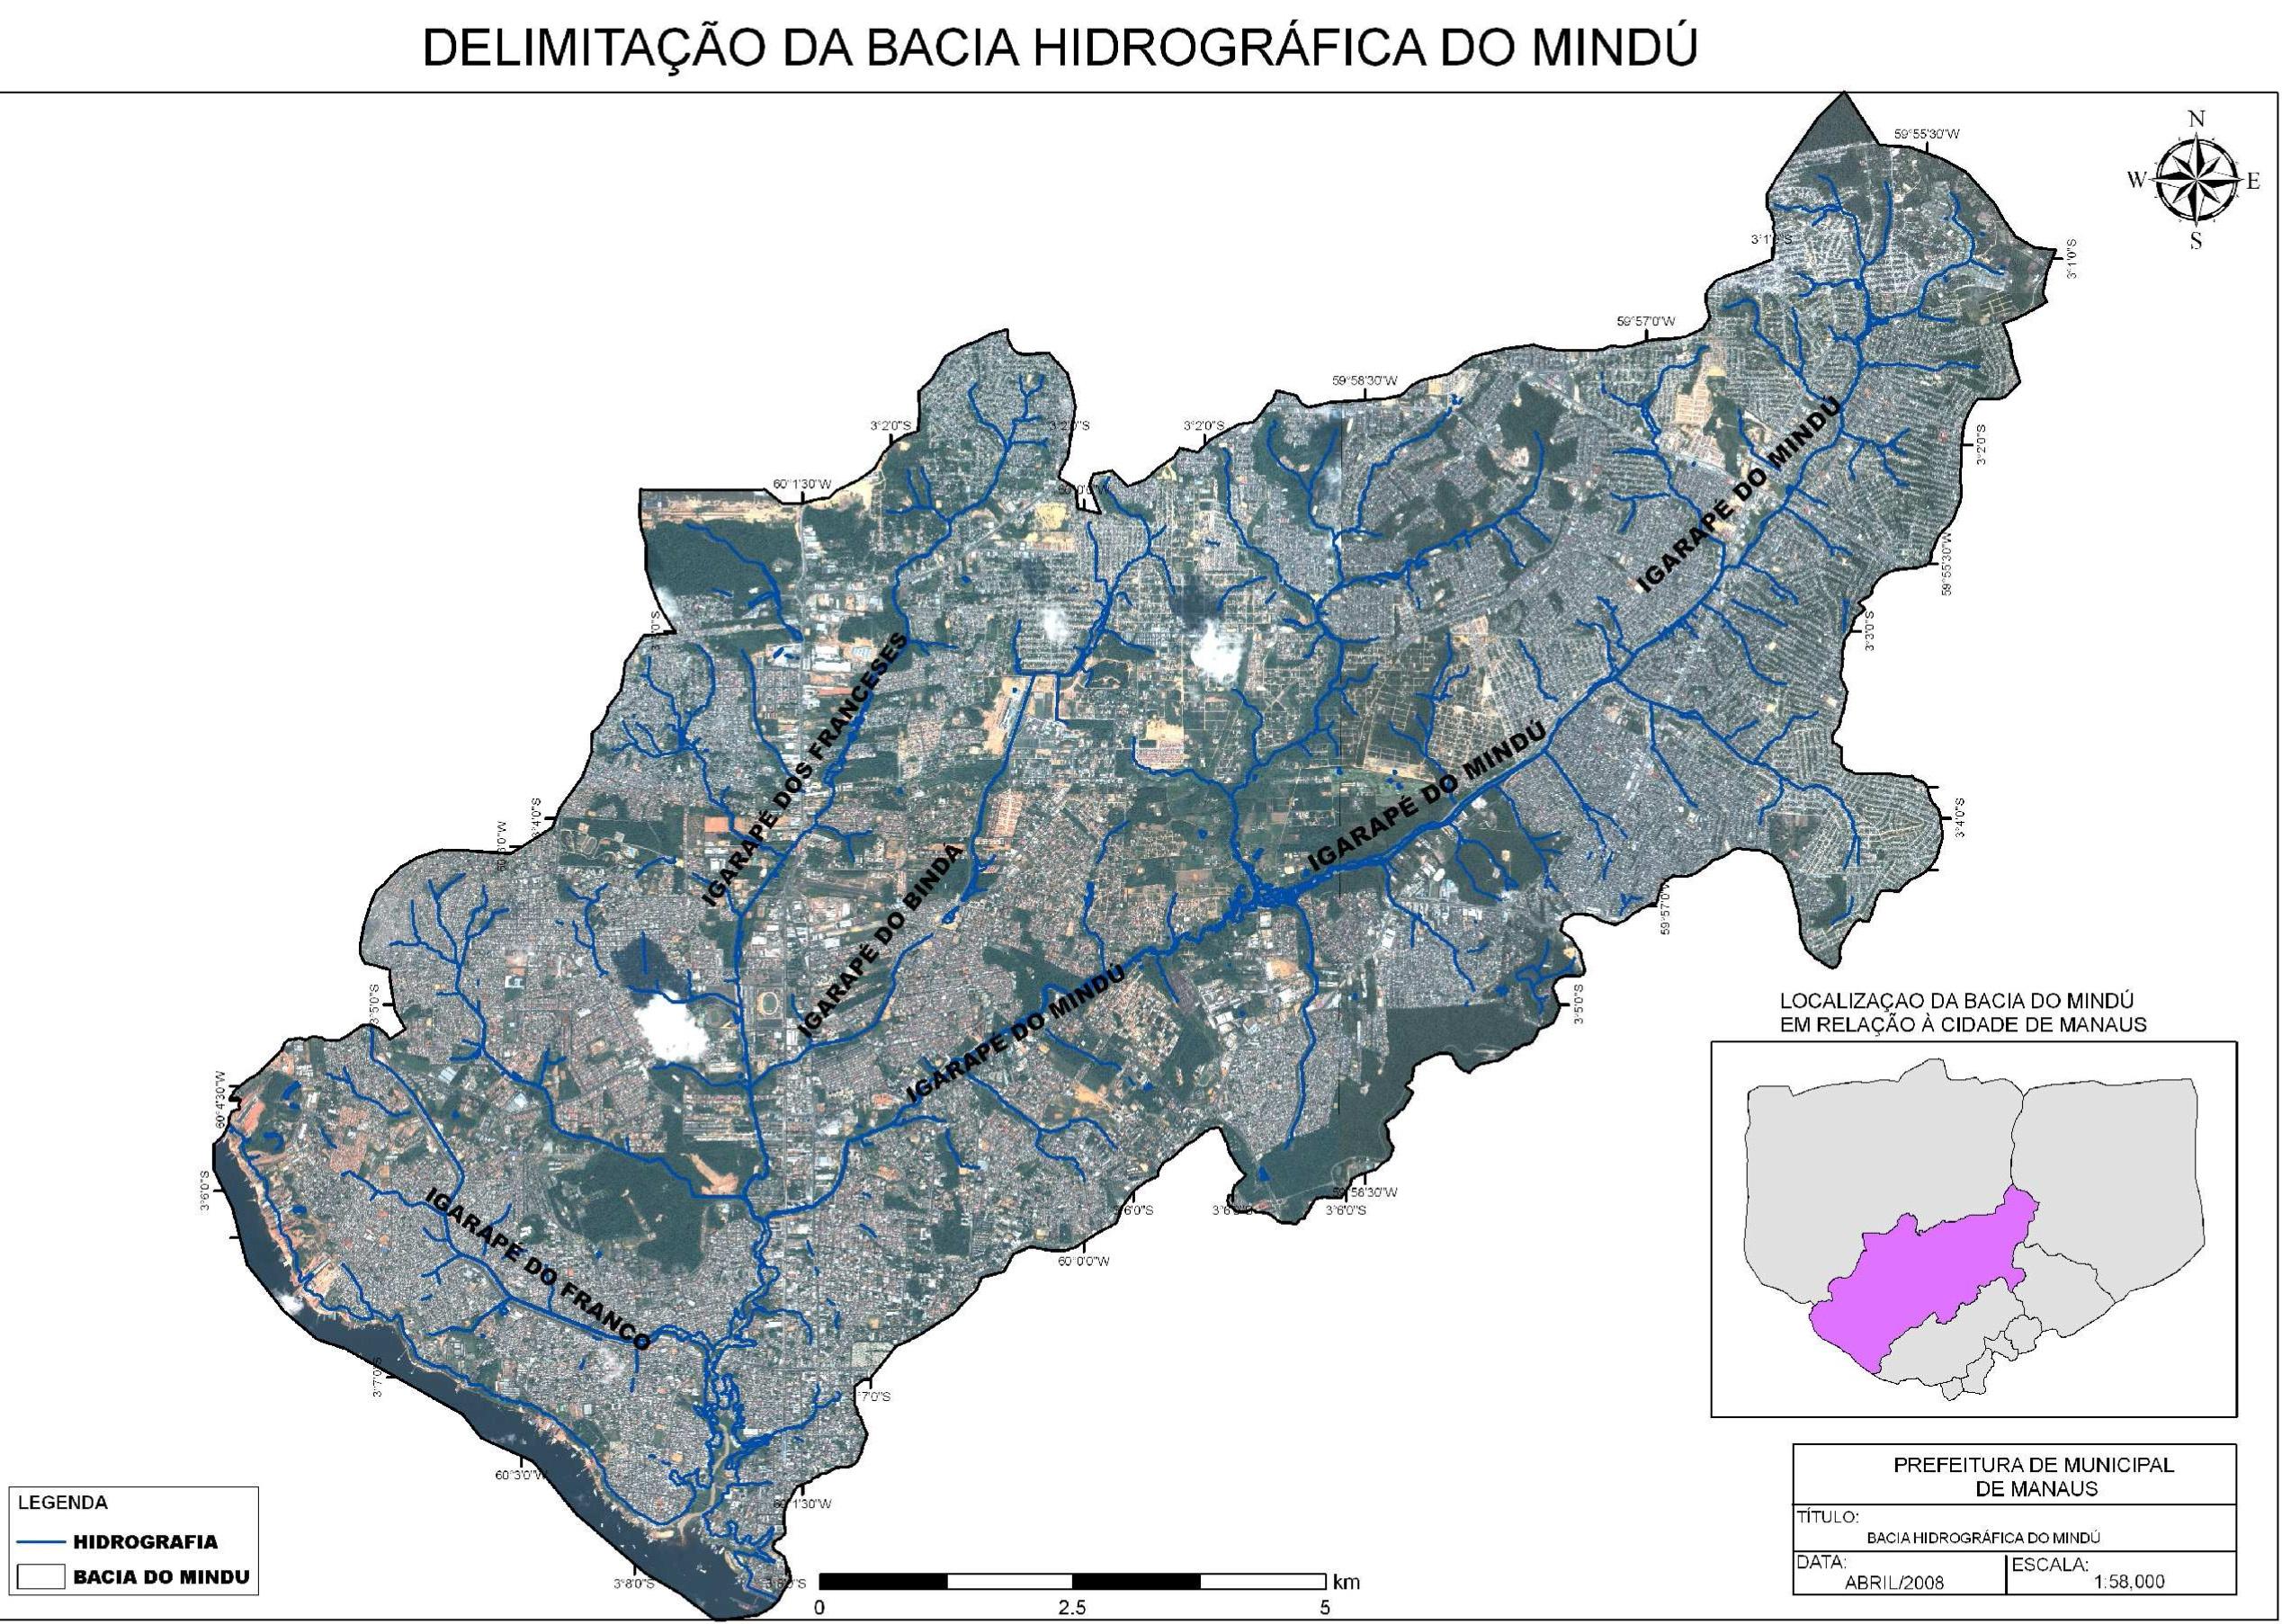 Igarapé dos Franceses, do Bindá e do Mindu em Manaus